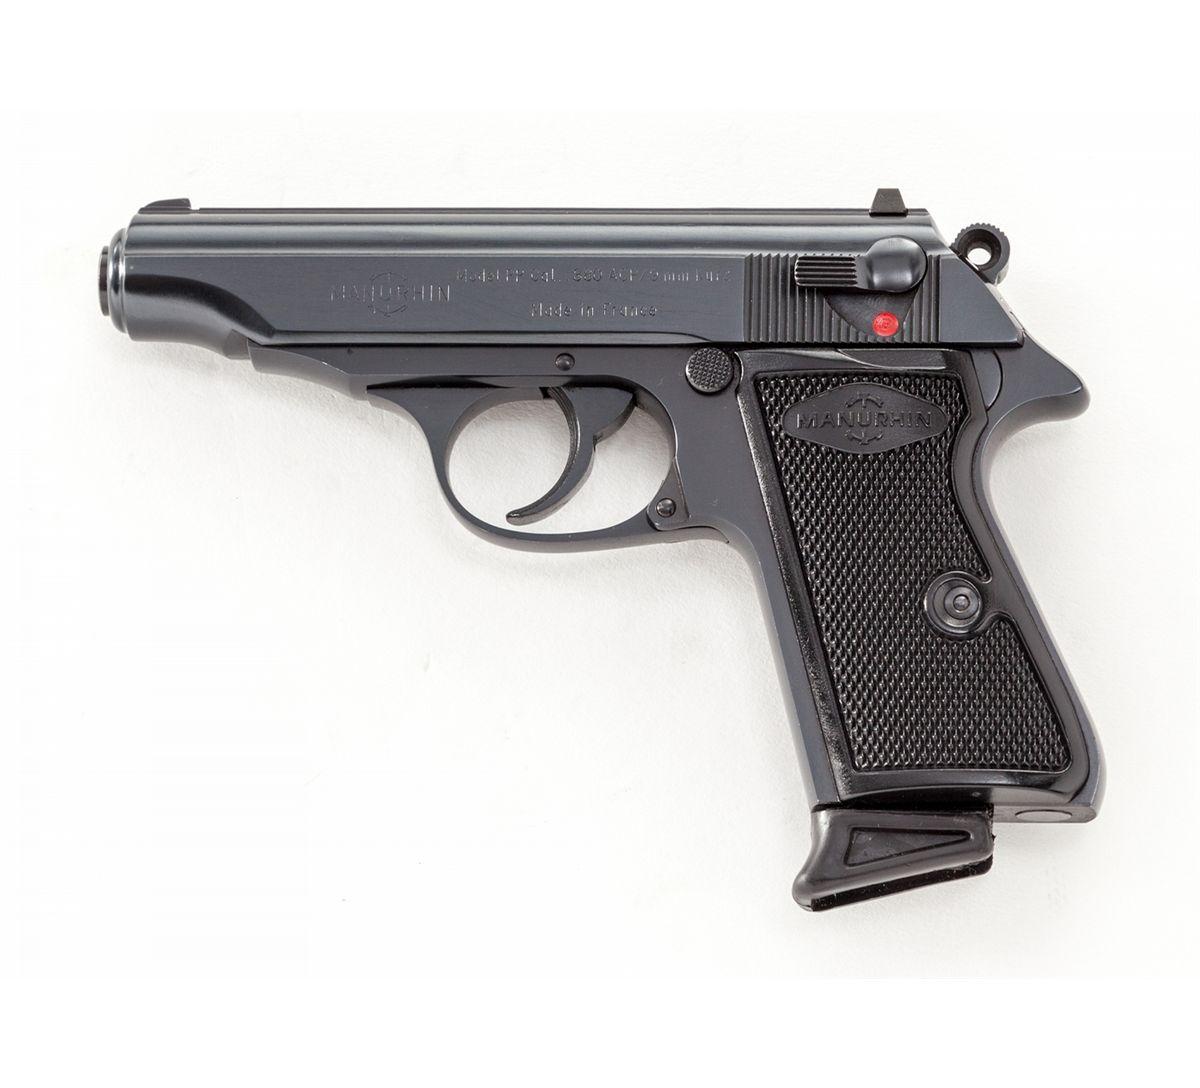 High Resolution Wallpaper   Manurhin PP Pistol 1200x1088 px